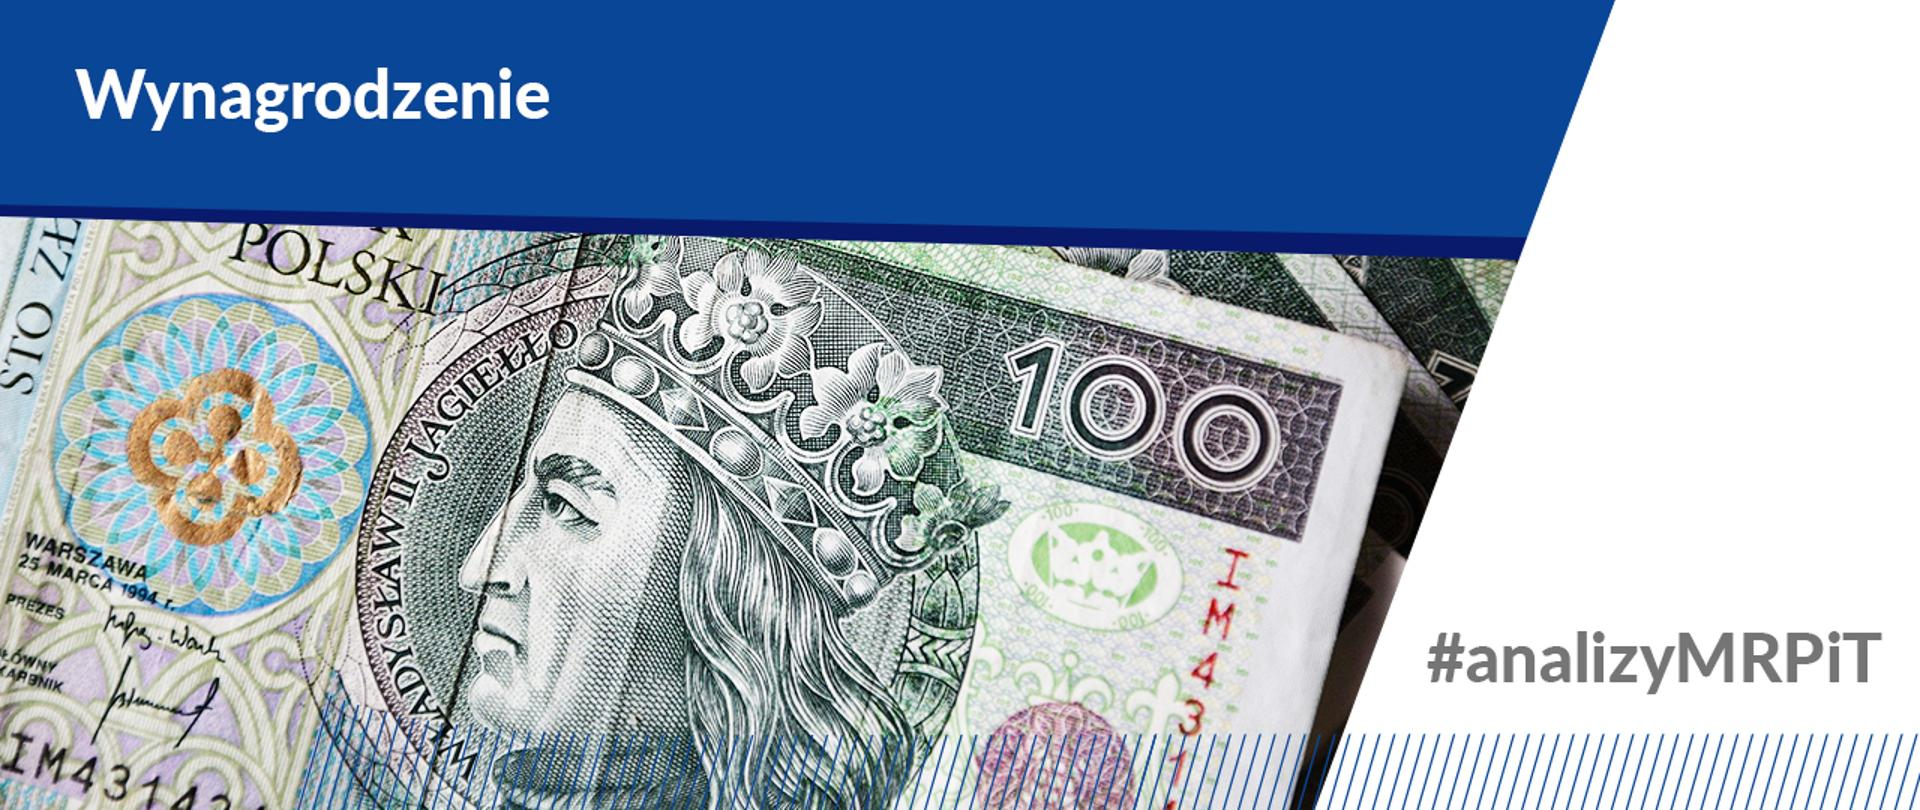 Przeciętne wynagrodzenie brutto w 2020 r. - Na zdjęciu banknot o nominale 100 zł. Tytuł: Wynagrodzenie. Analizy MRPiT